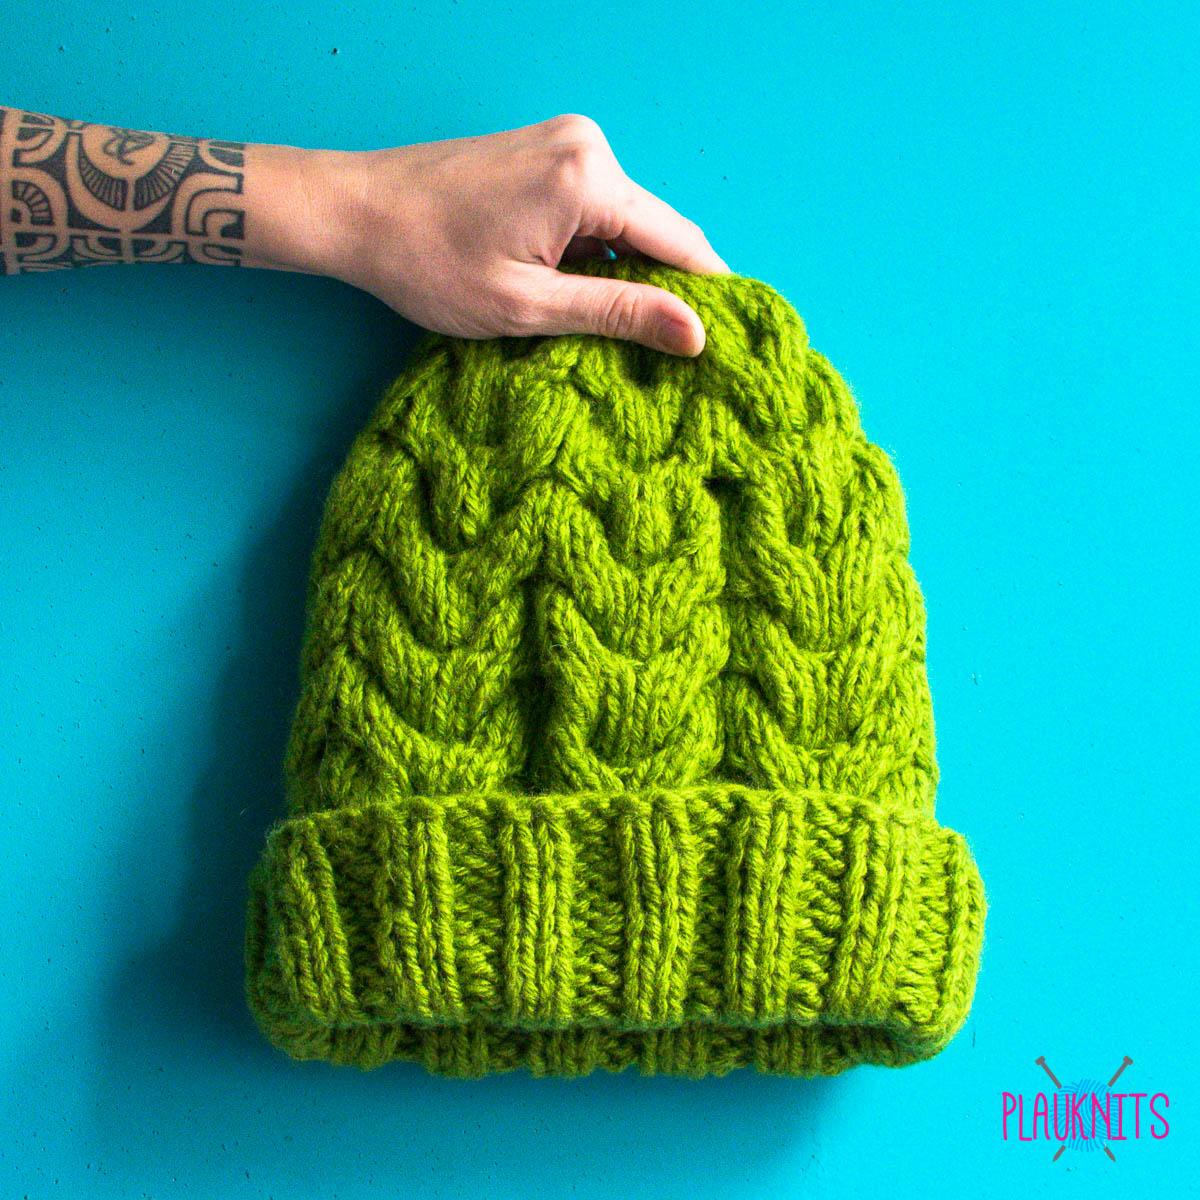 зелёная вязаная шапка ручной работы с косами Plauknits